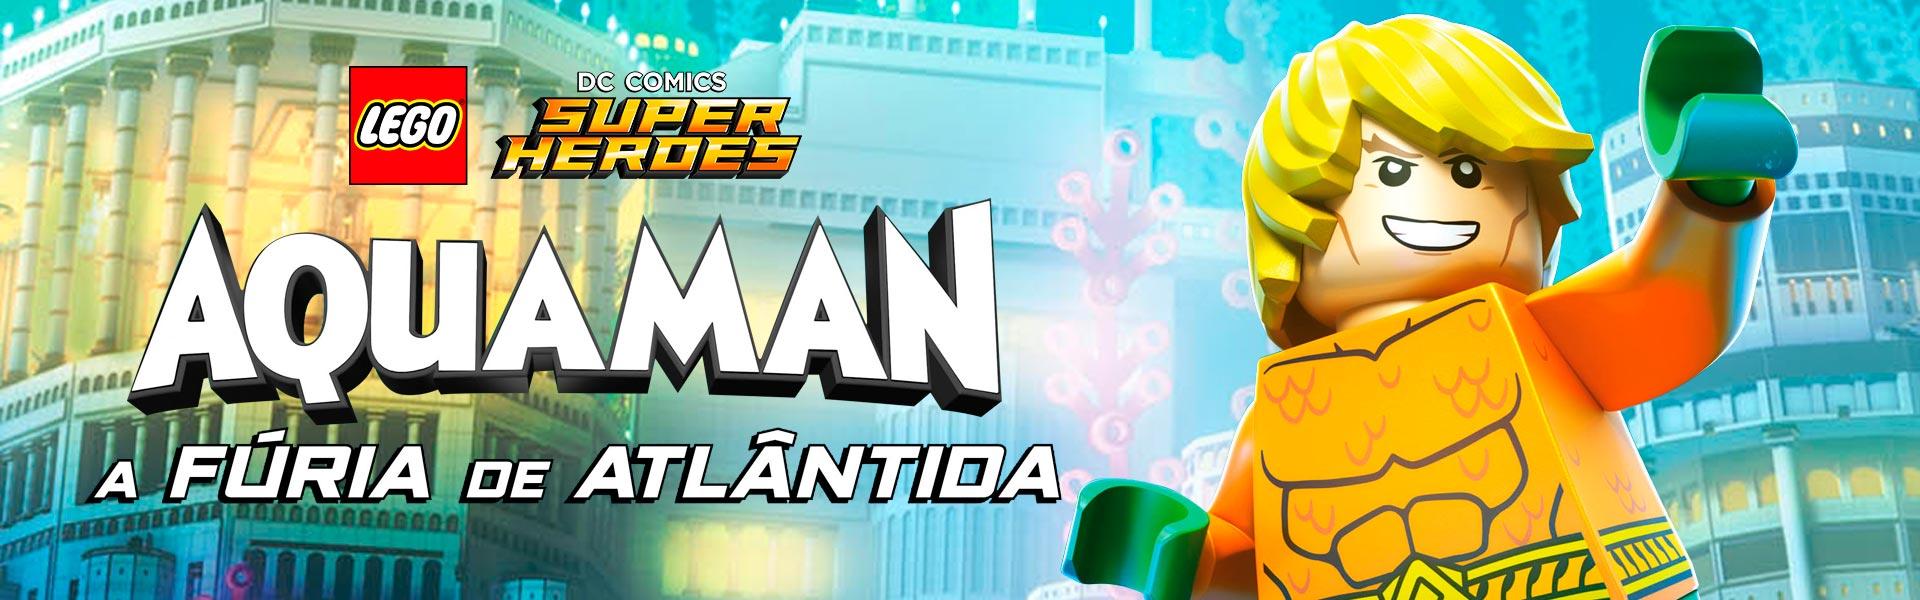 LEGO DC: Aquaman – A Fúria de Atlântida